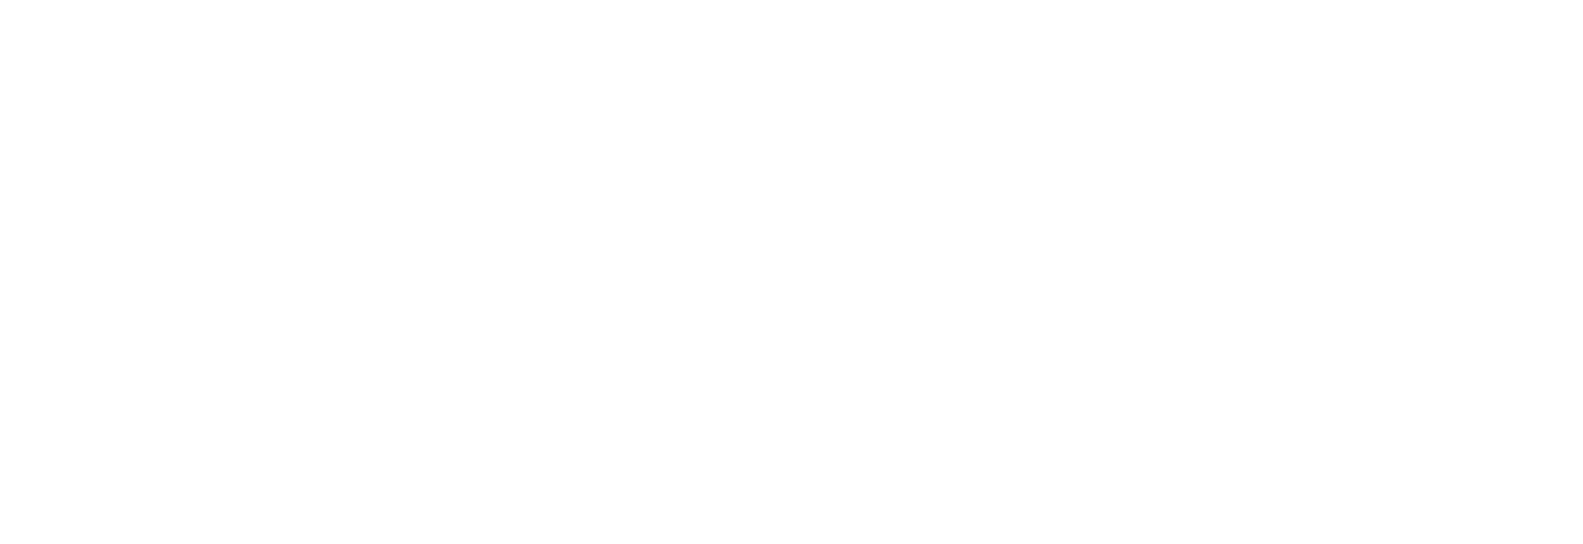 Láser nanosegundos